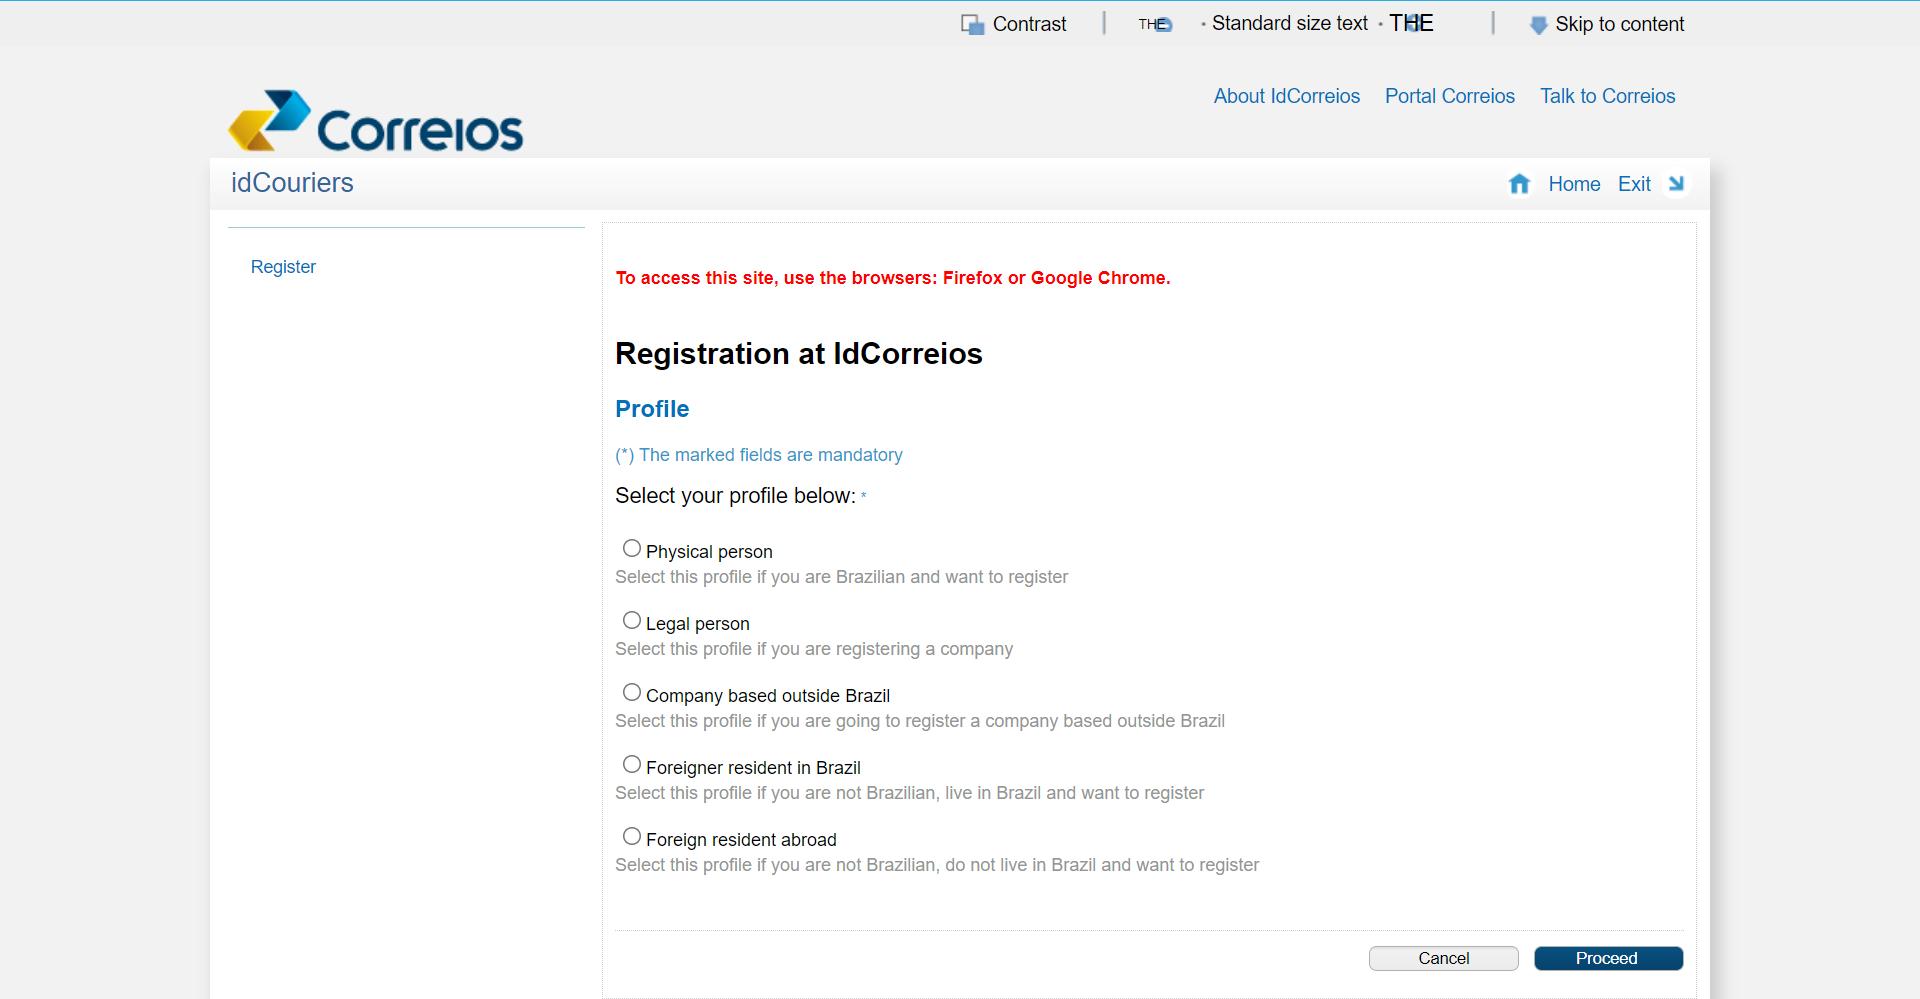 Registration at IdCorreios